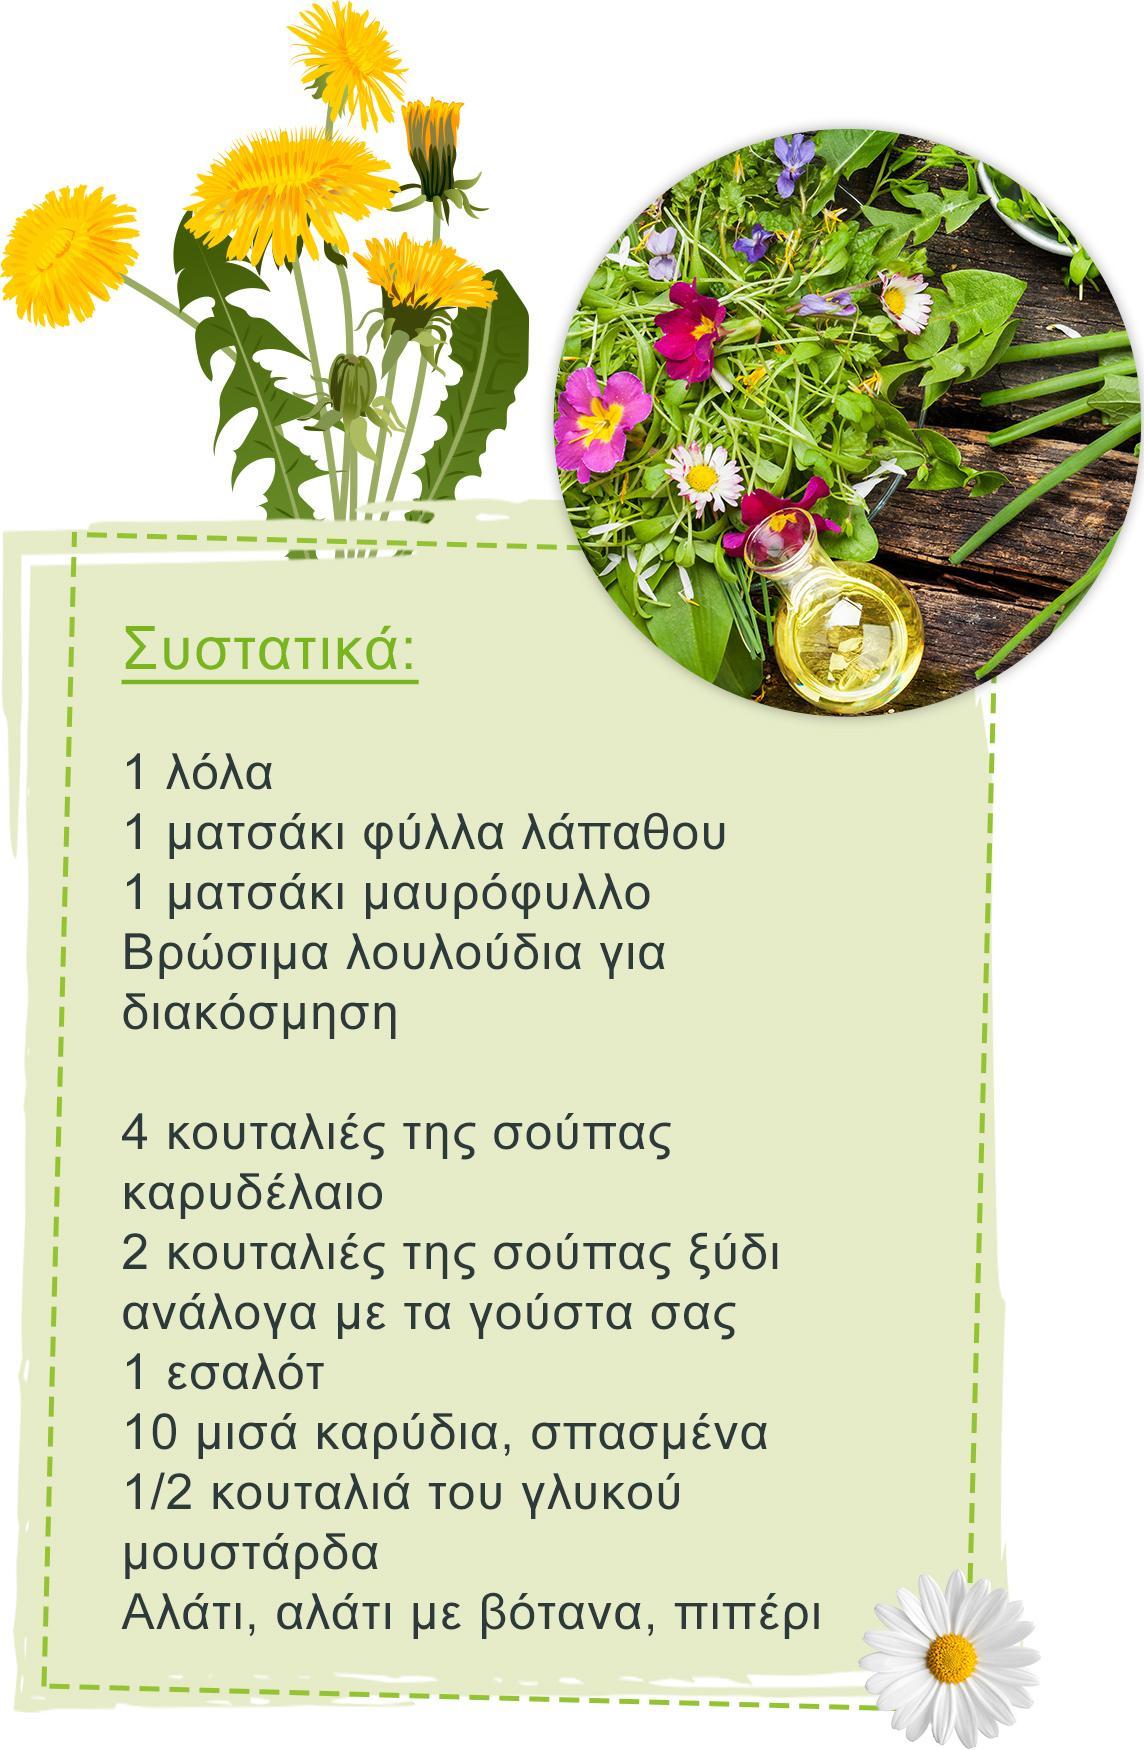 Πολύχρωμη σαλάτα λουλουδιών